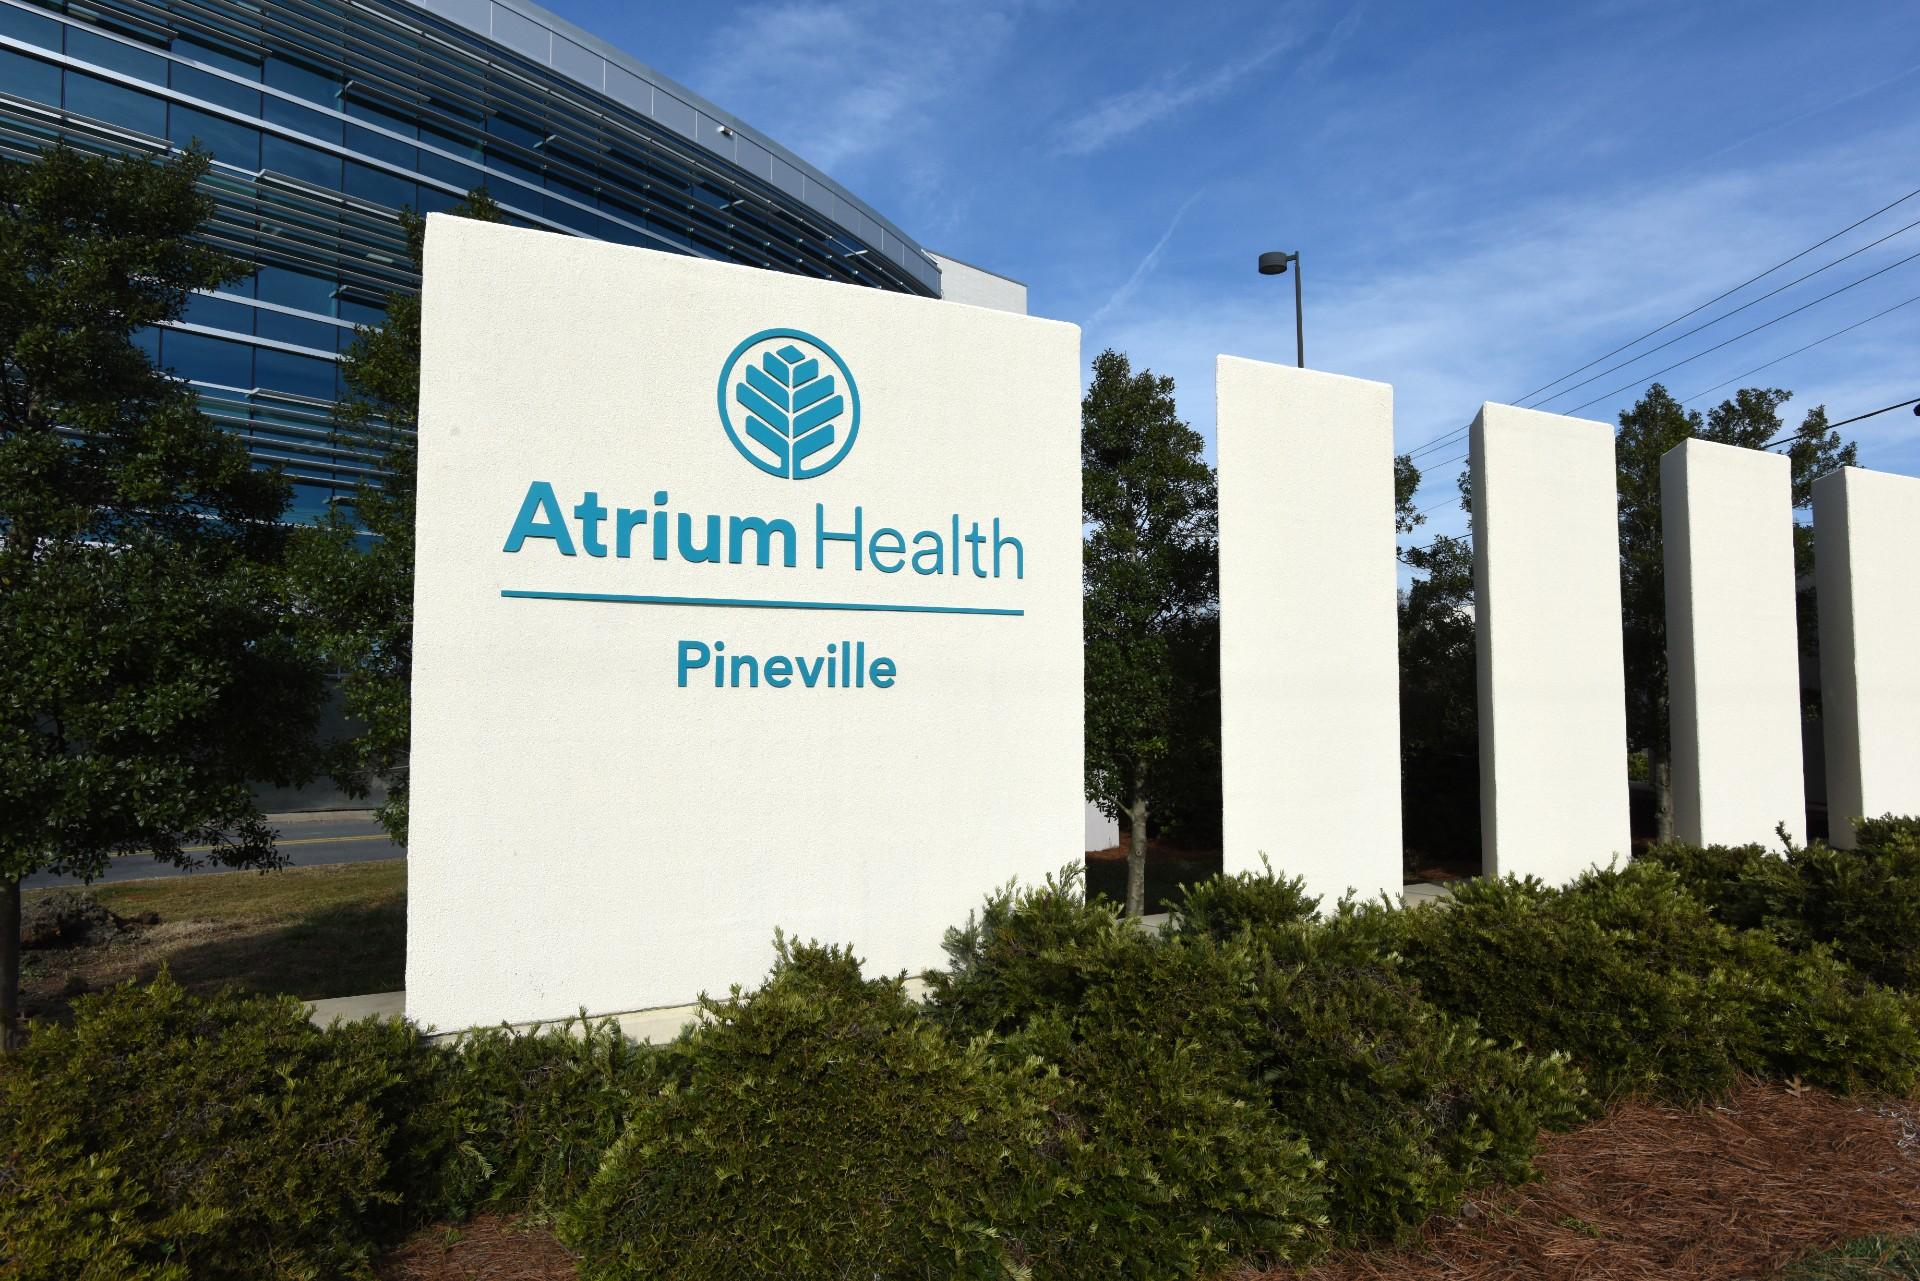 Atrium Health Pineville